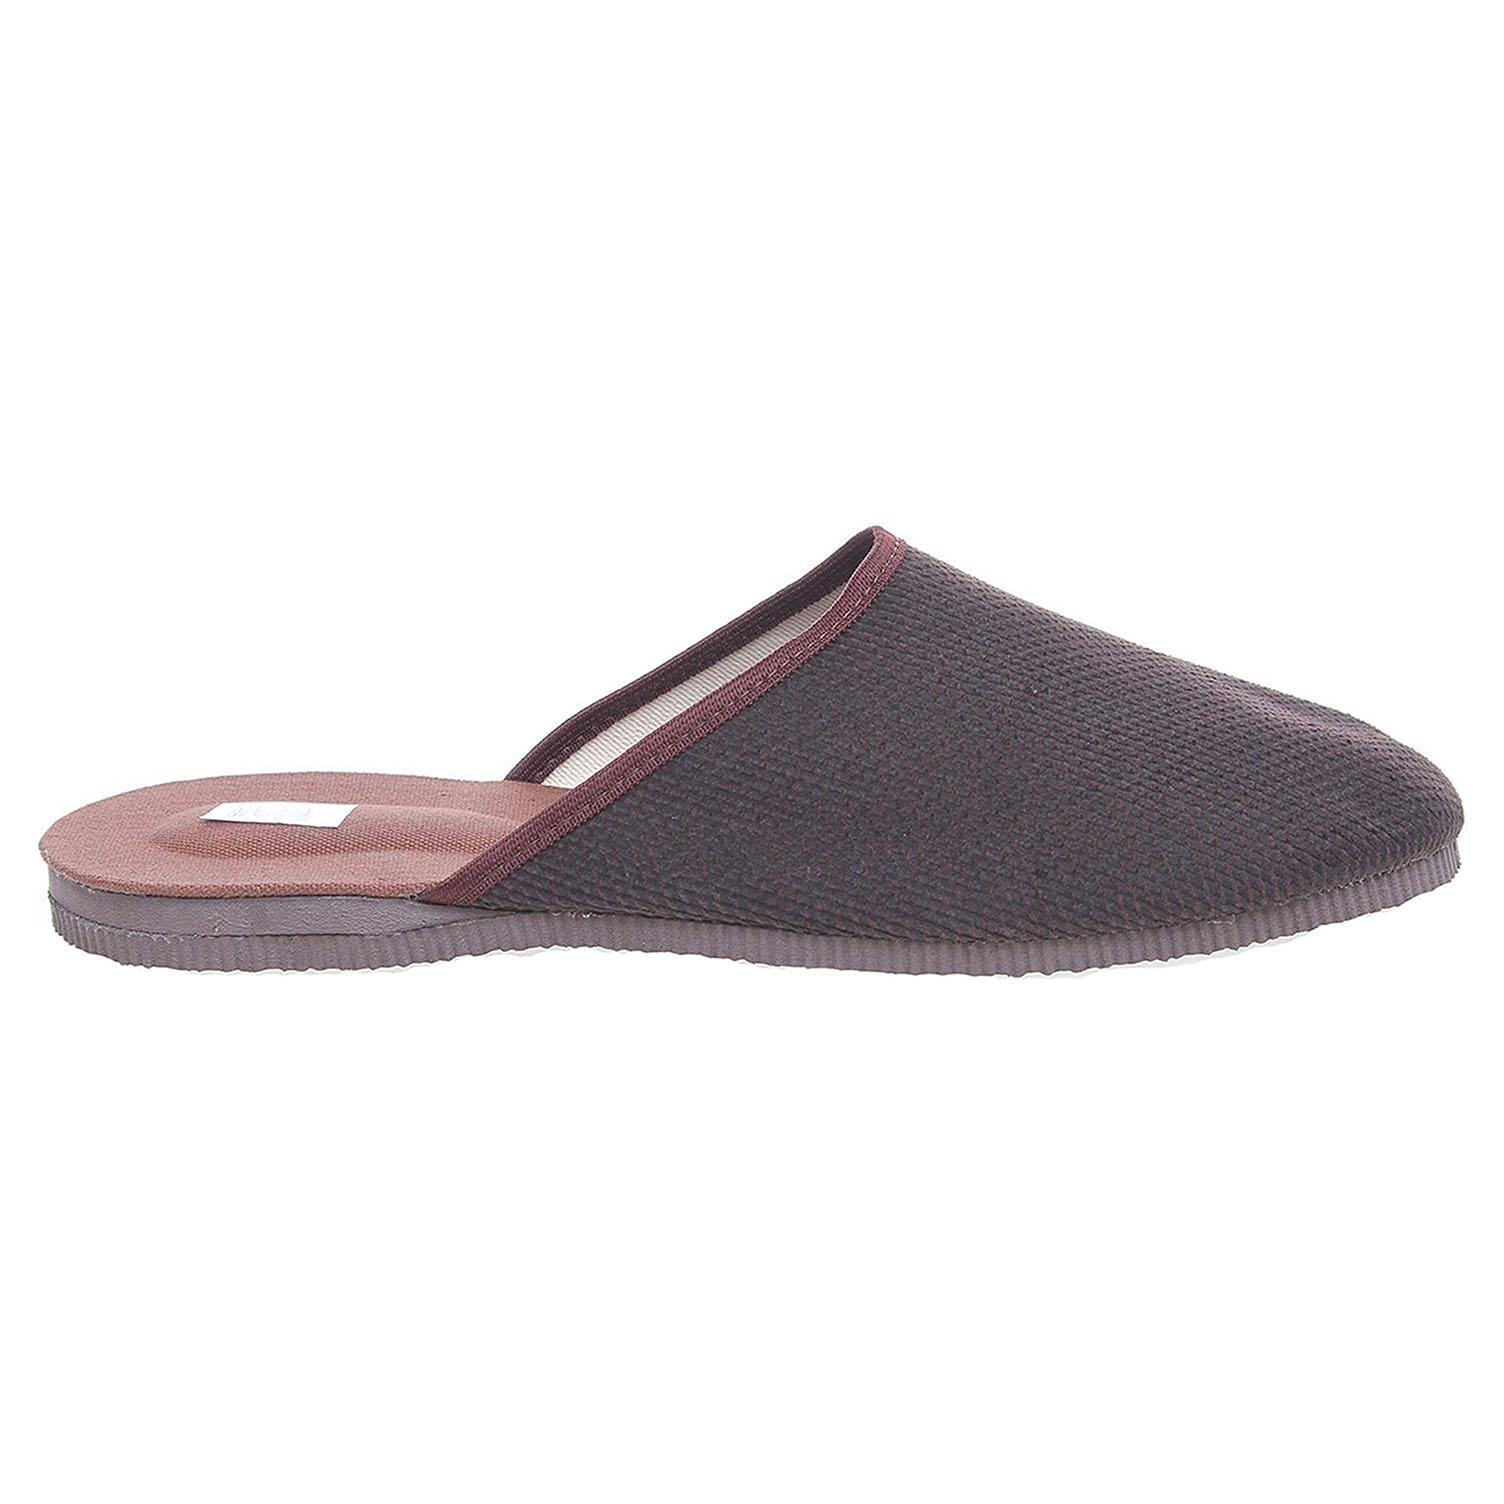 Pánské domácí pantofle 1009.00 hnědé 41